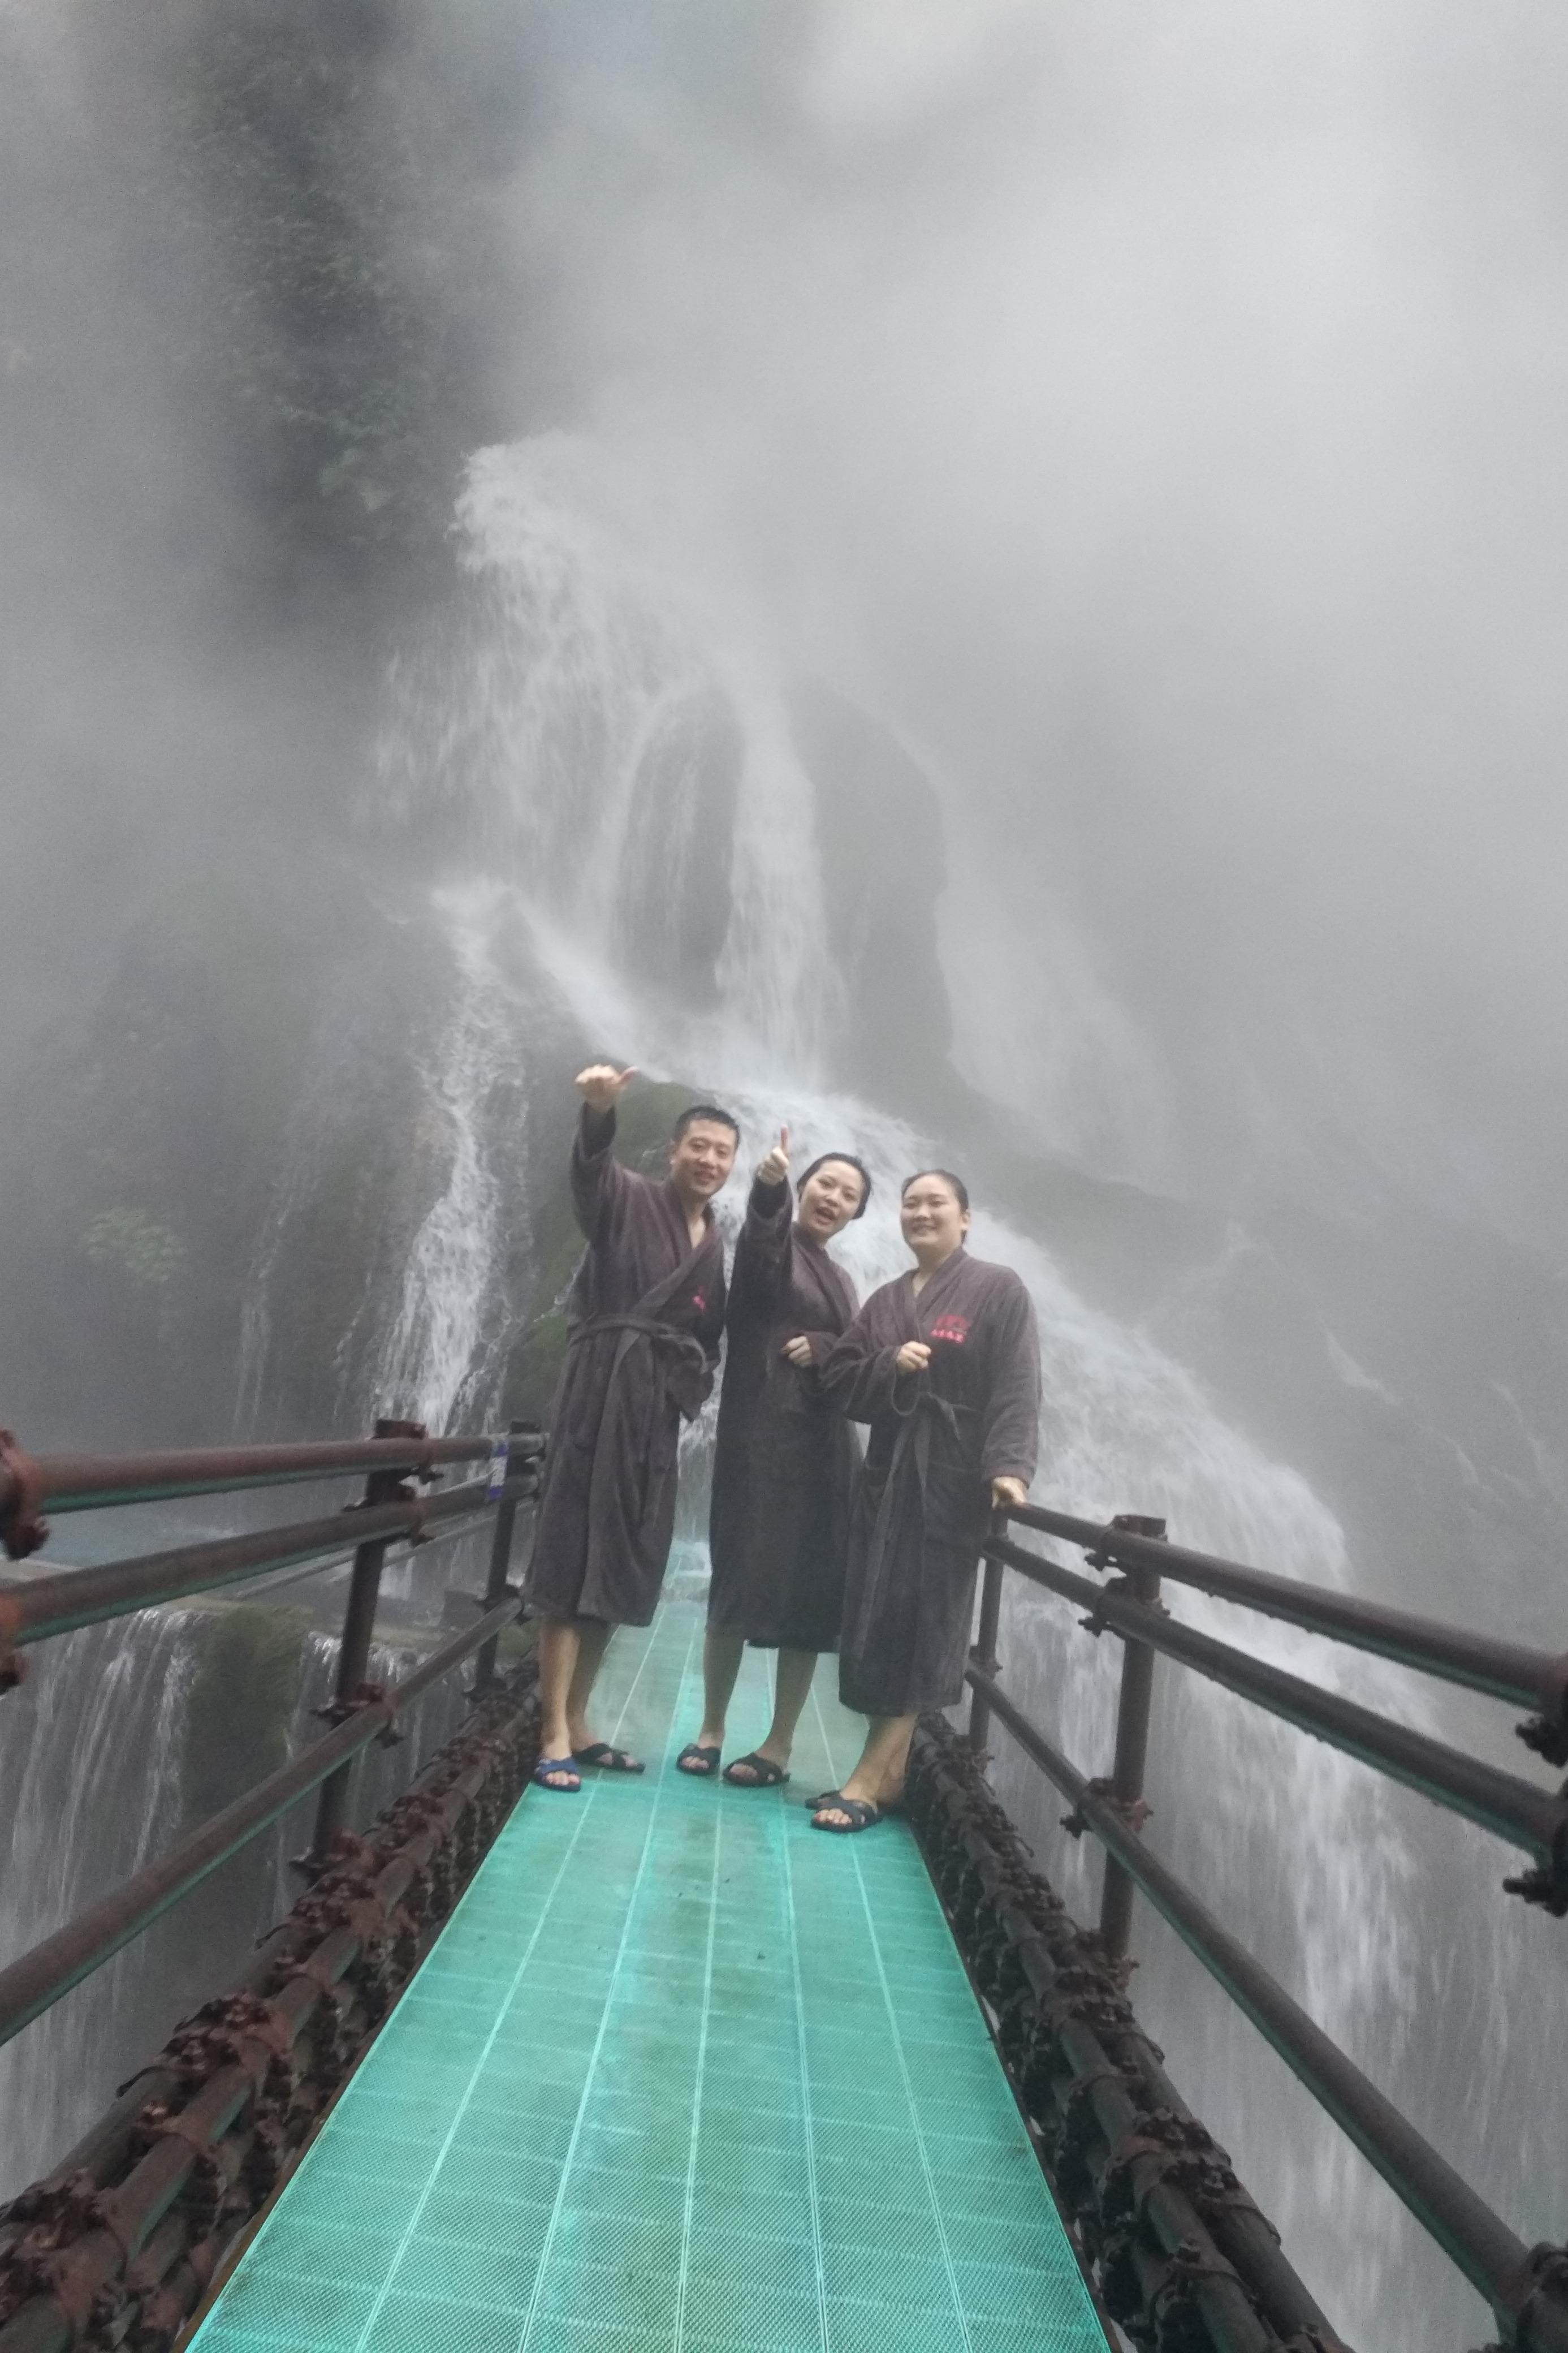 冬季螺髻山温泉瀑布三日游